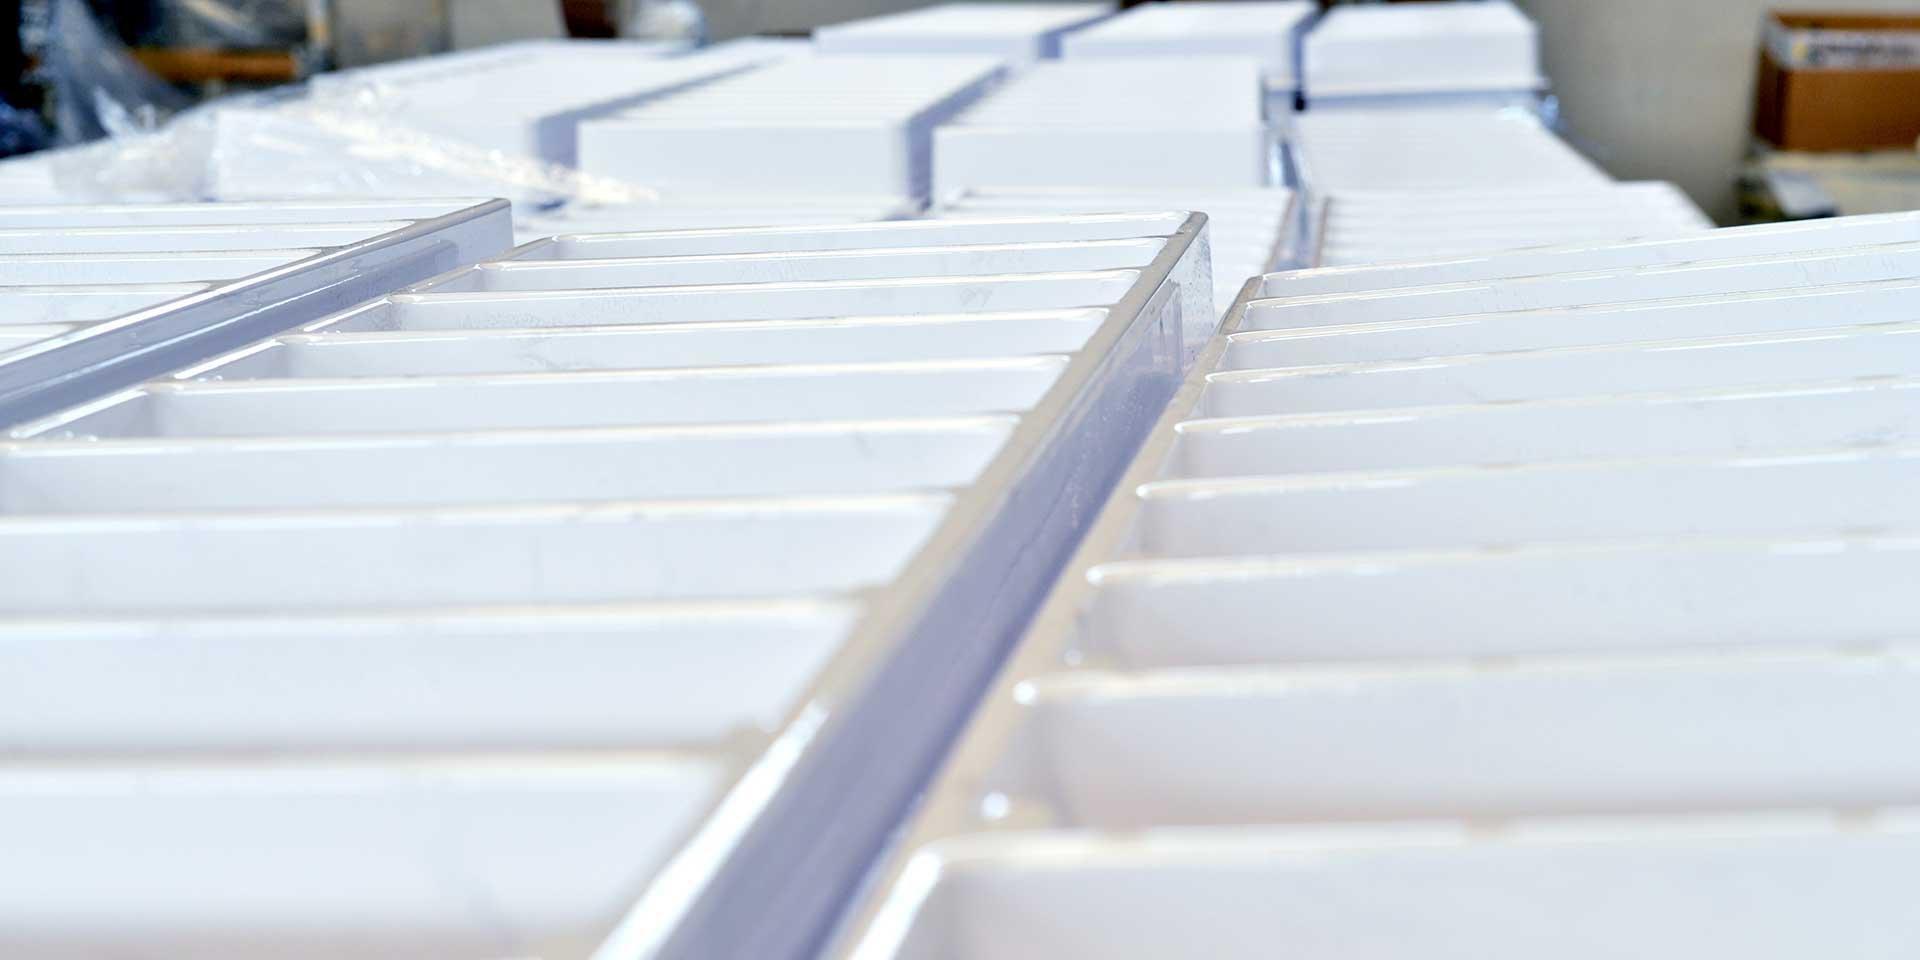 termoformatura materiale plastico settore ospedaliero